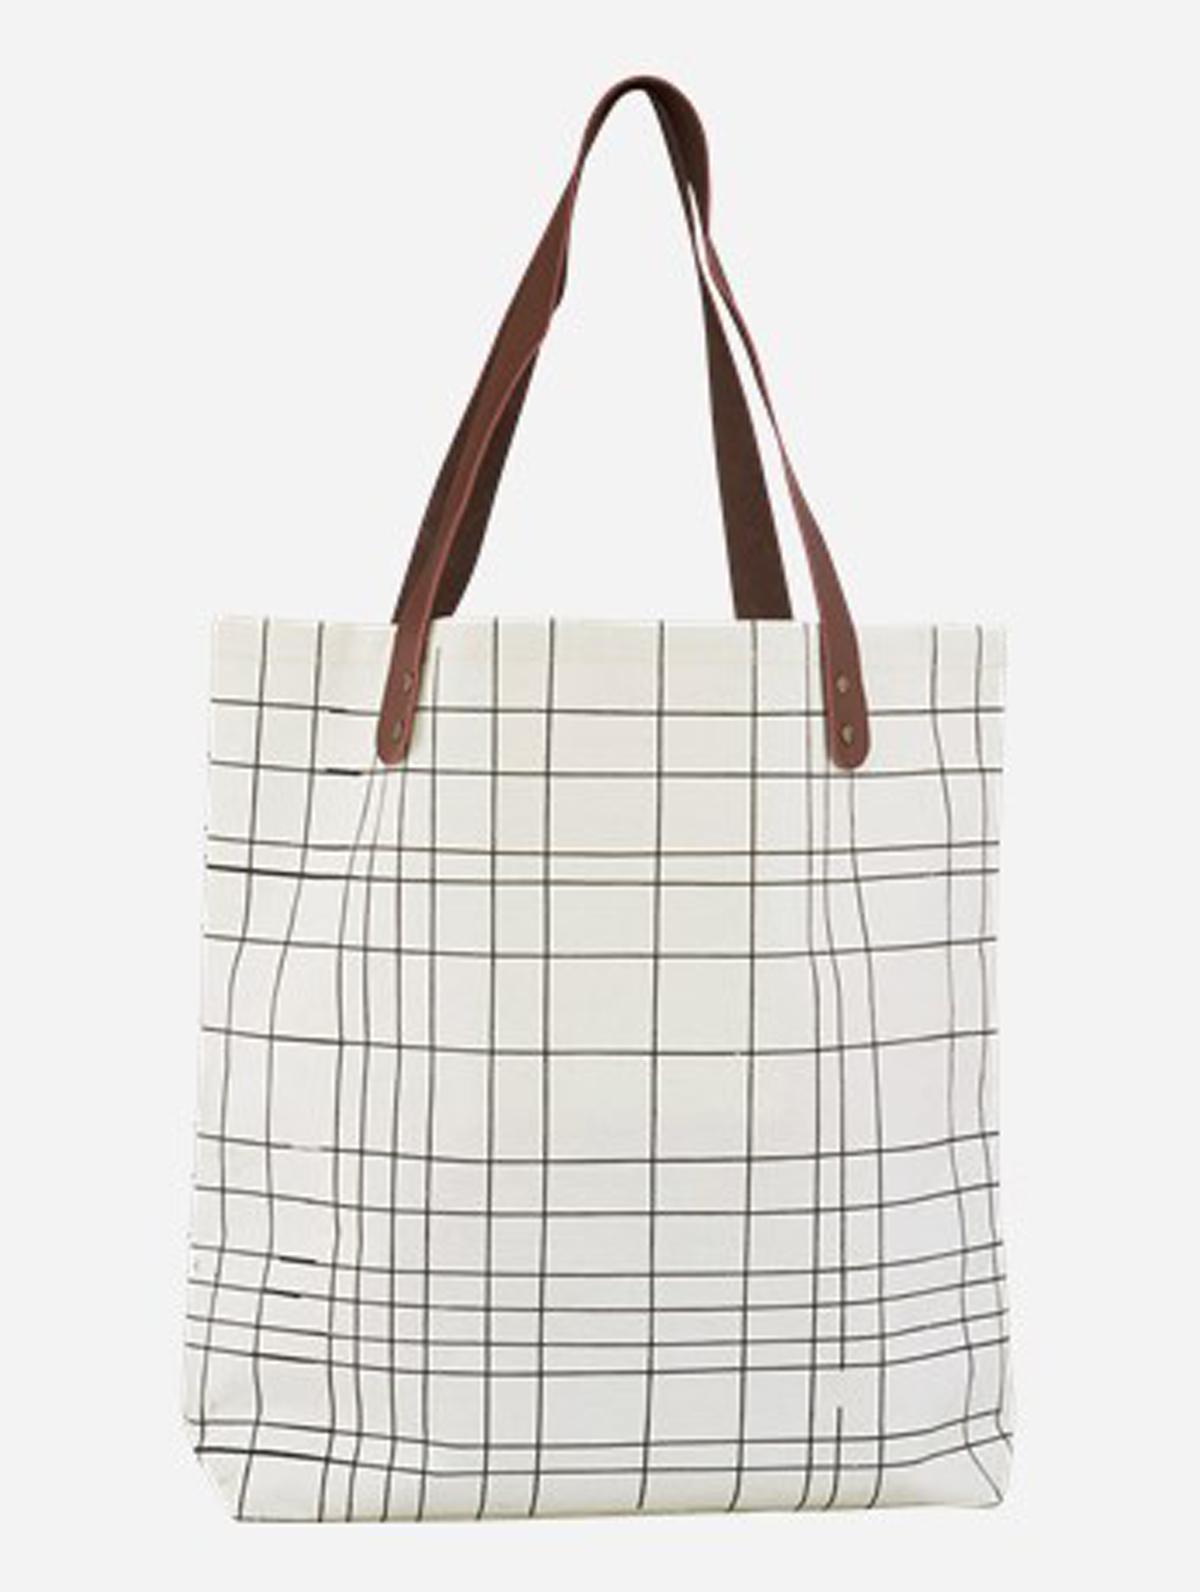 Blå Gungan - webshop design & crafts - Bag Housedoctor, Plaid